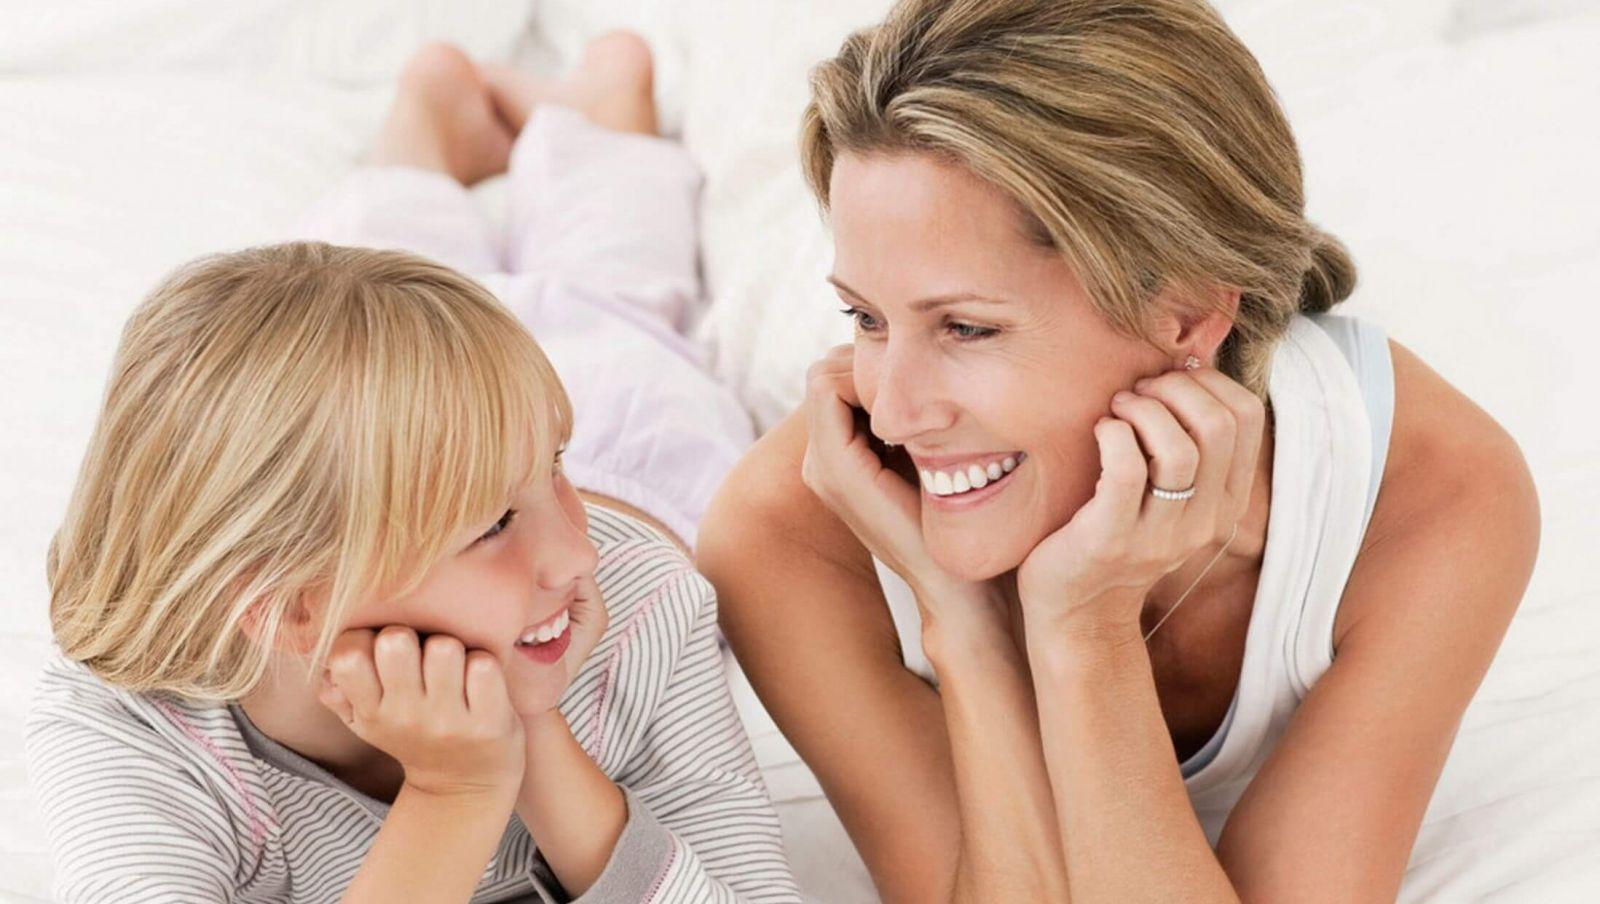 Những điều bố mẹ đặc biệt lưu ý khi con gái đến tuổi dậy thì